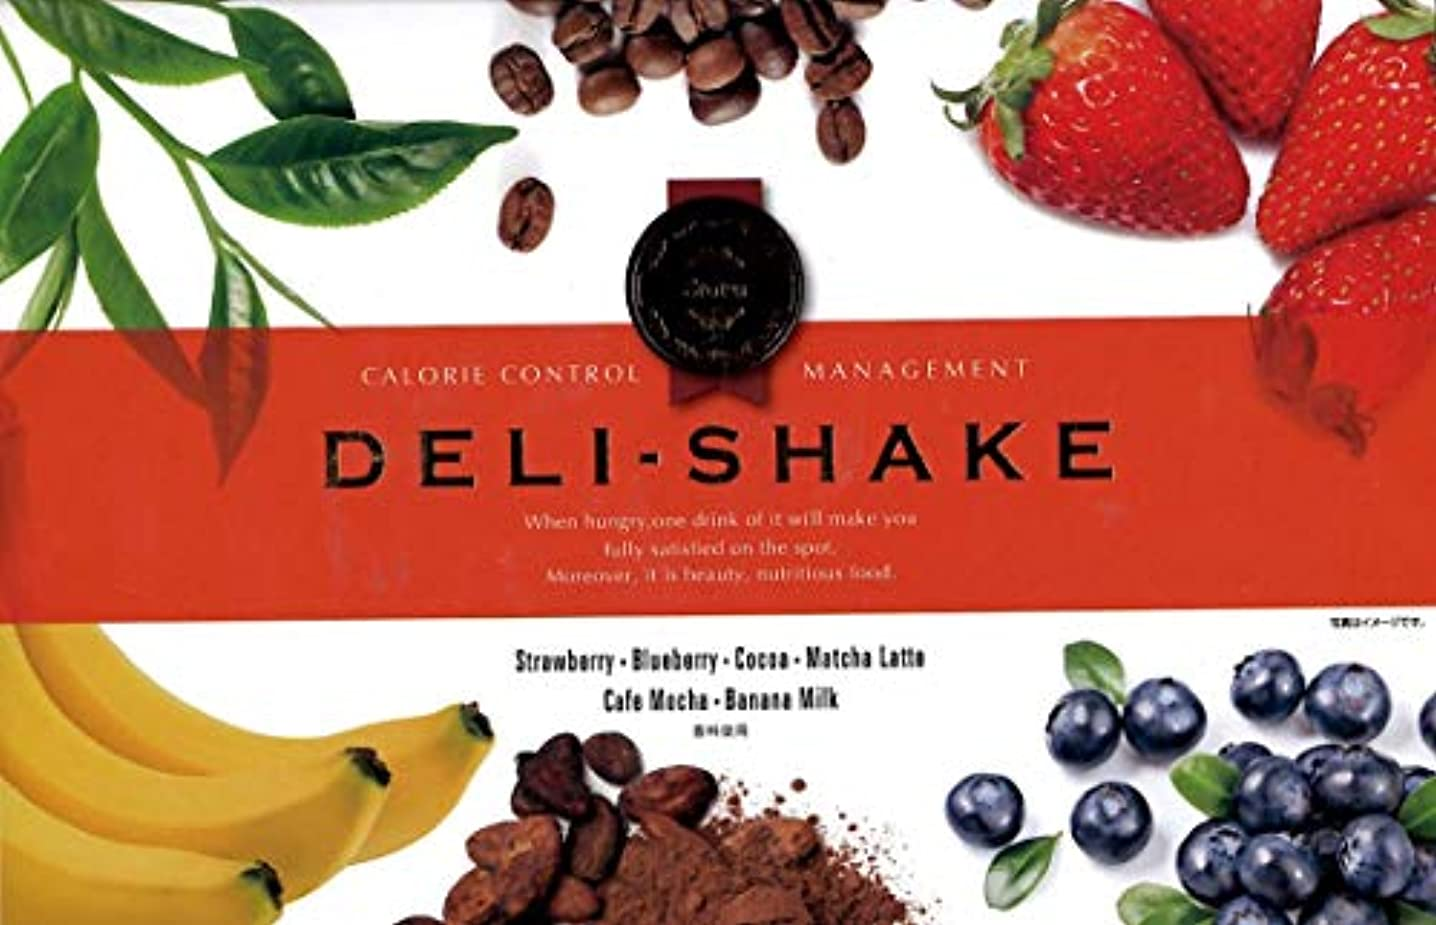 キャンプ再現する隠DELI-SHAKE (デリシェイク)24袋入り(各4袋) 6種のフレーバー ストロベリー ブルーベリー ココア 抹茶ラテ カフェモカ バナナミルク